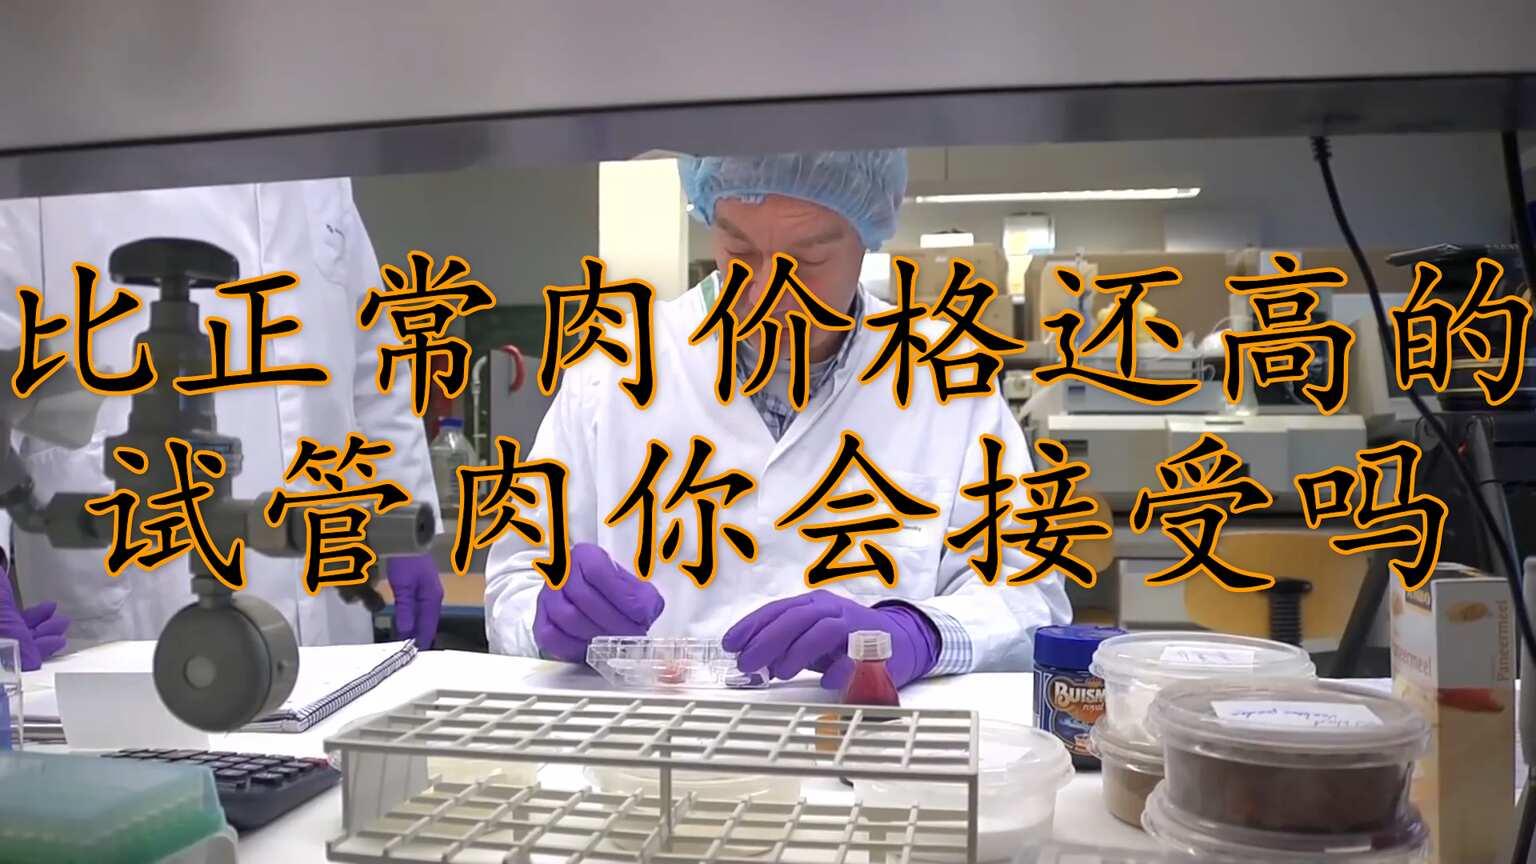 何为试管肉?比正常肉价格还高的试管肉你会接受吗